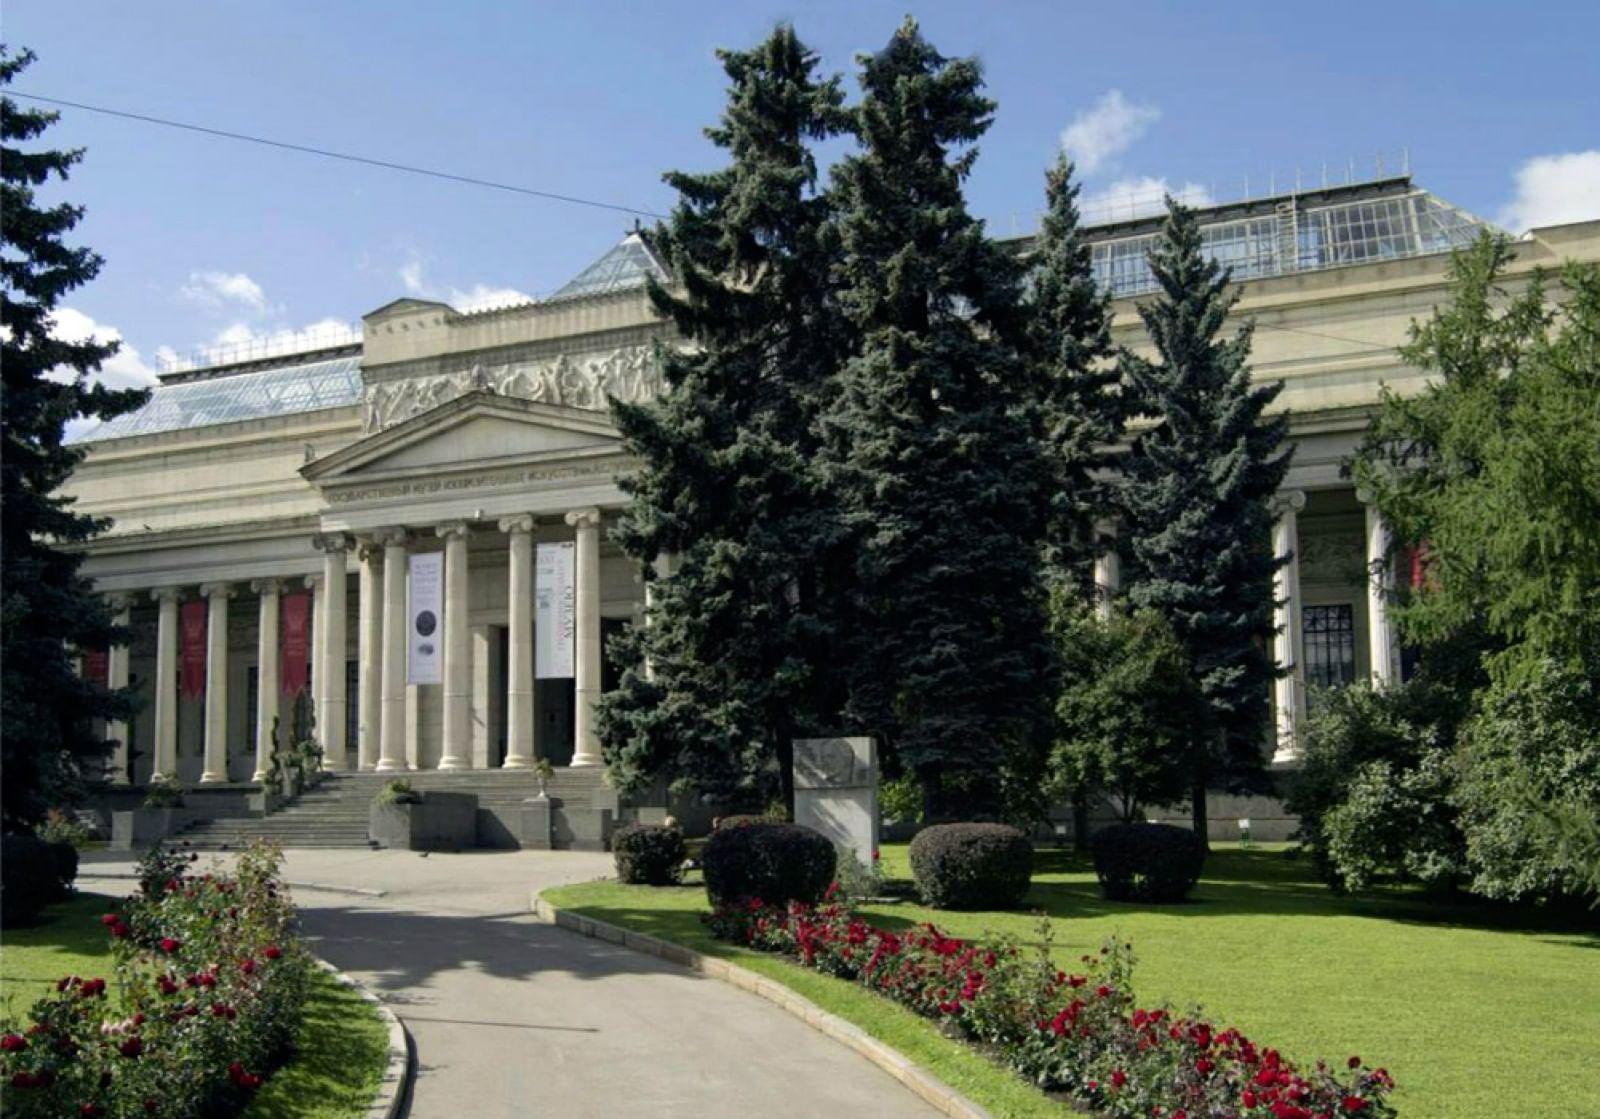 виртуальный музей изобразительных искусств: